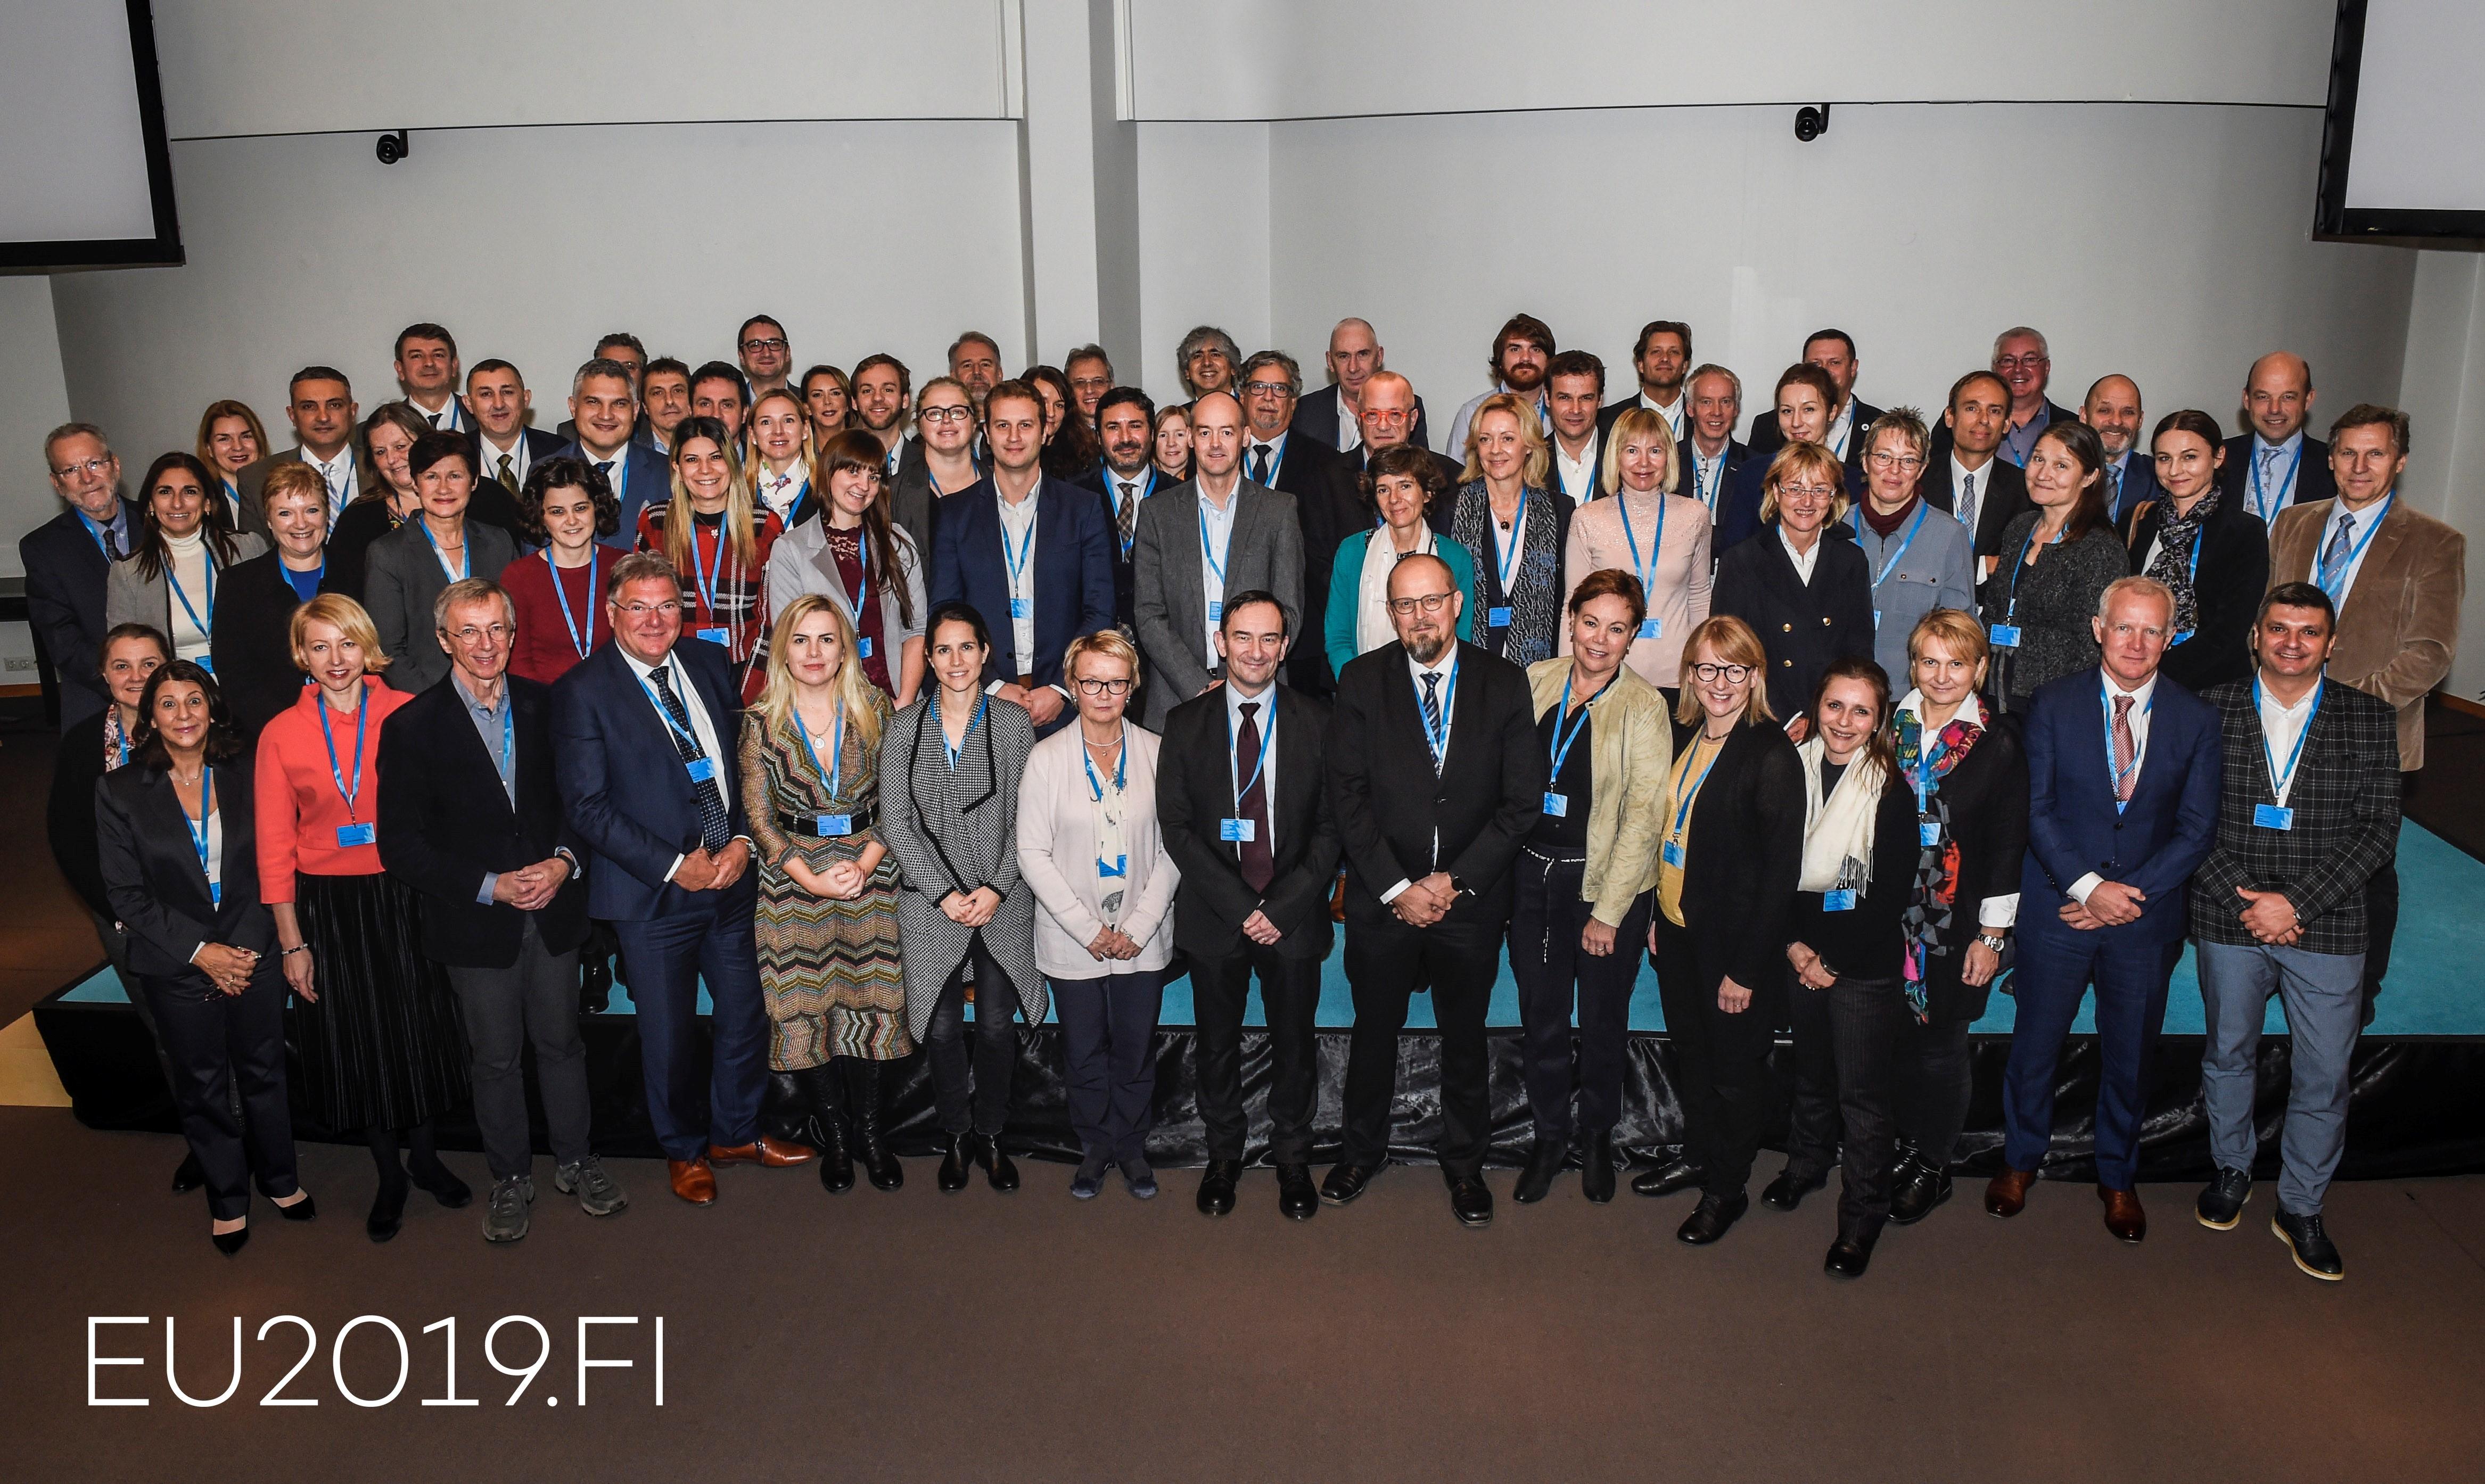 IMPEL (Çevre Kanununun Uygulanması ve Yaptırımı için Avrupa Birliği Ağı) Genel Kurulu 19-20 Kasım 2019 tarihlerinde Finlandiya'da gerçekleştirildi.